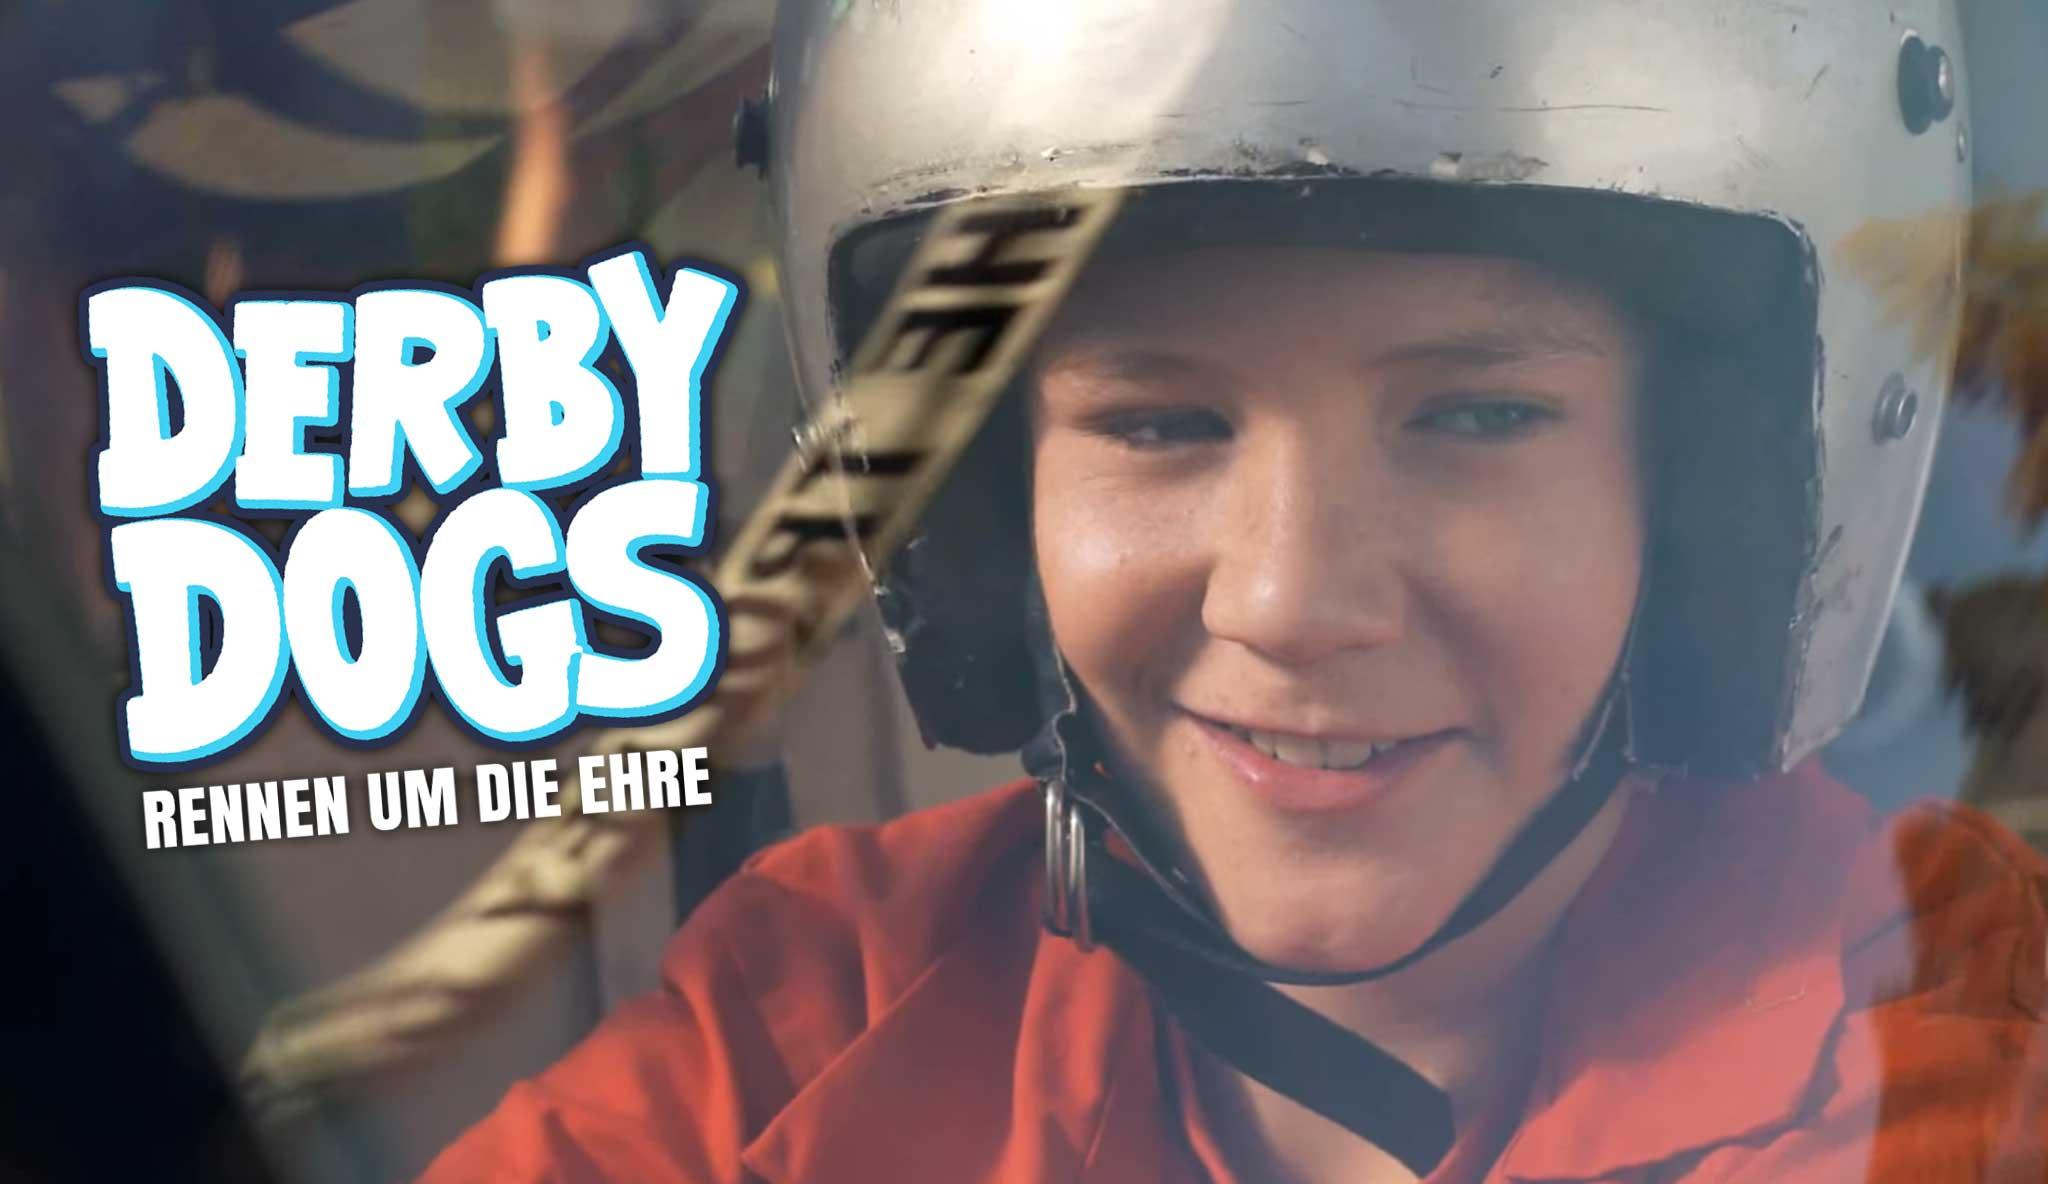 derby-dogs-rennen-um-die-ehre\header.jpg